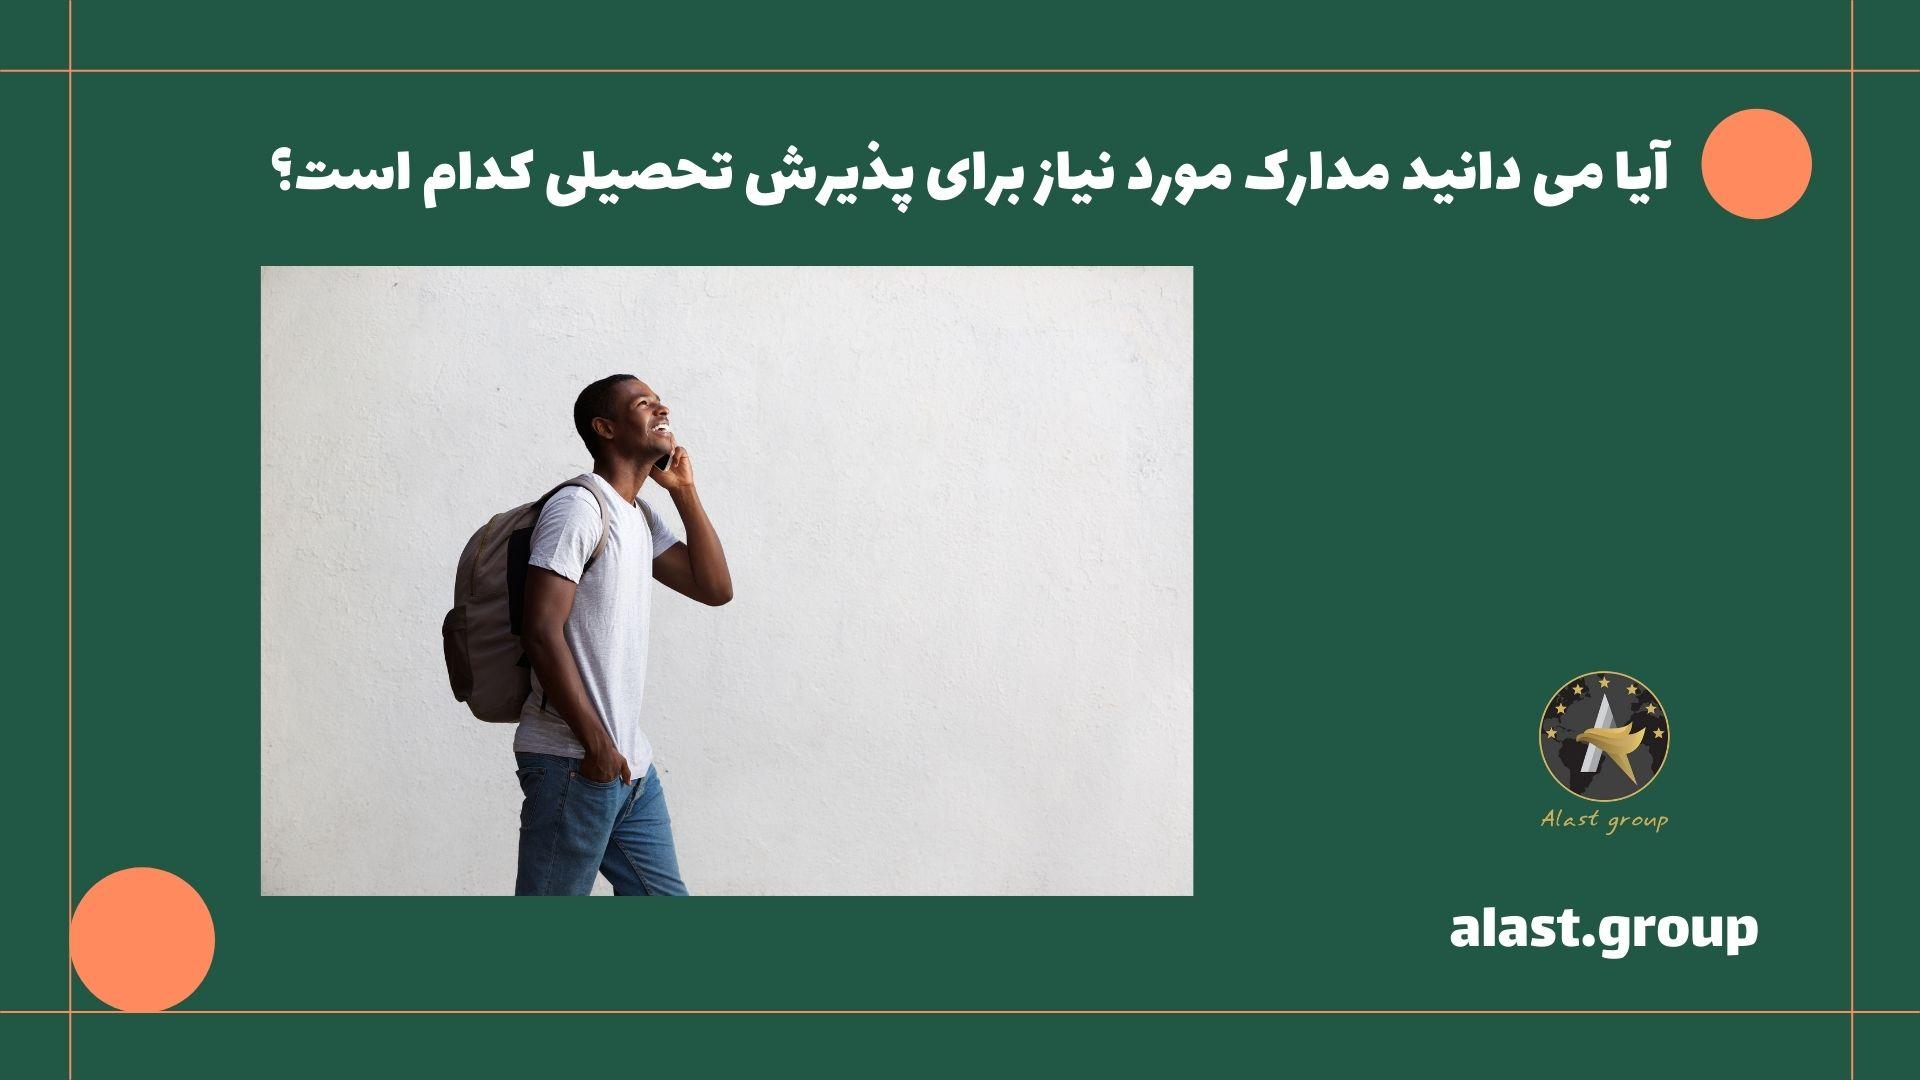 آیا می دانید مدارک مورد نیاز برای پذیرش تحصیلی کدام است؟